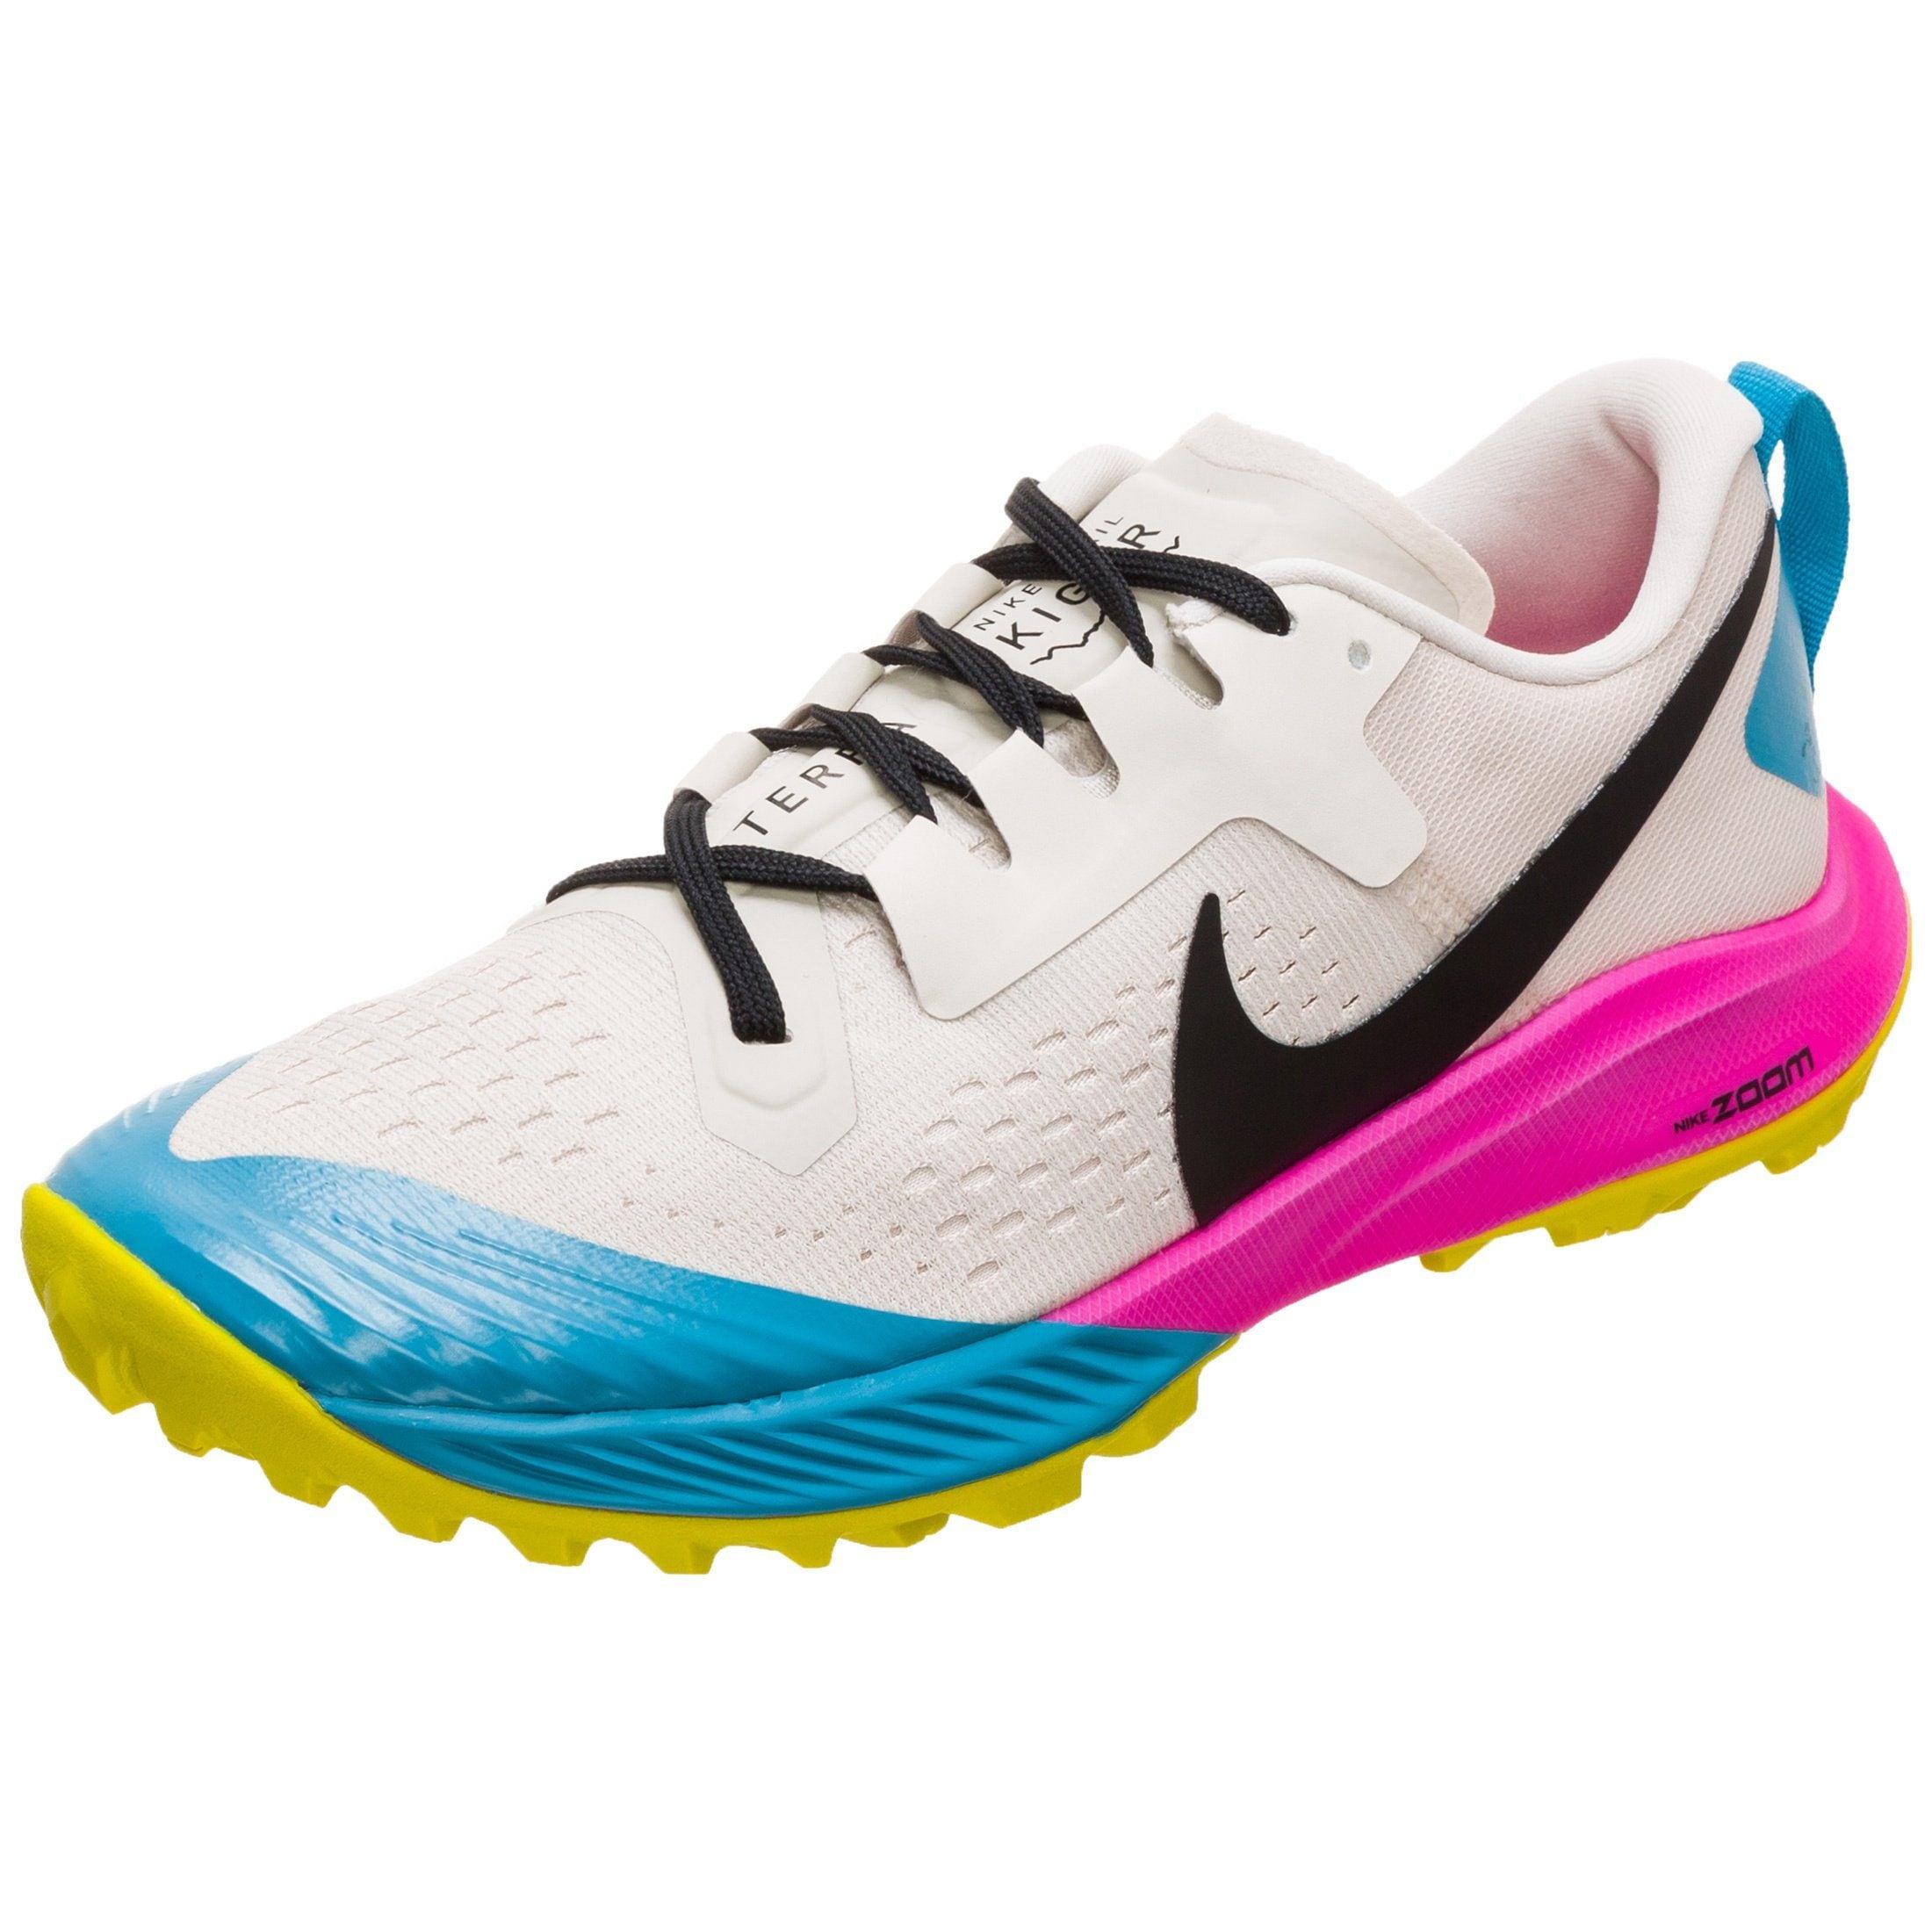 Nike Laufschuh »Air Zoom Terra Kiger 5 Trail« per Rechnung | BAUR